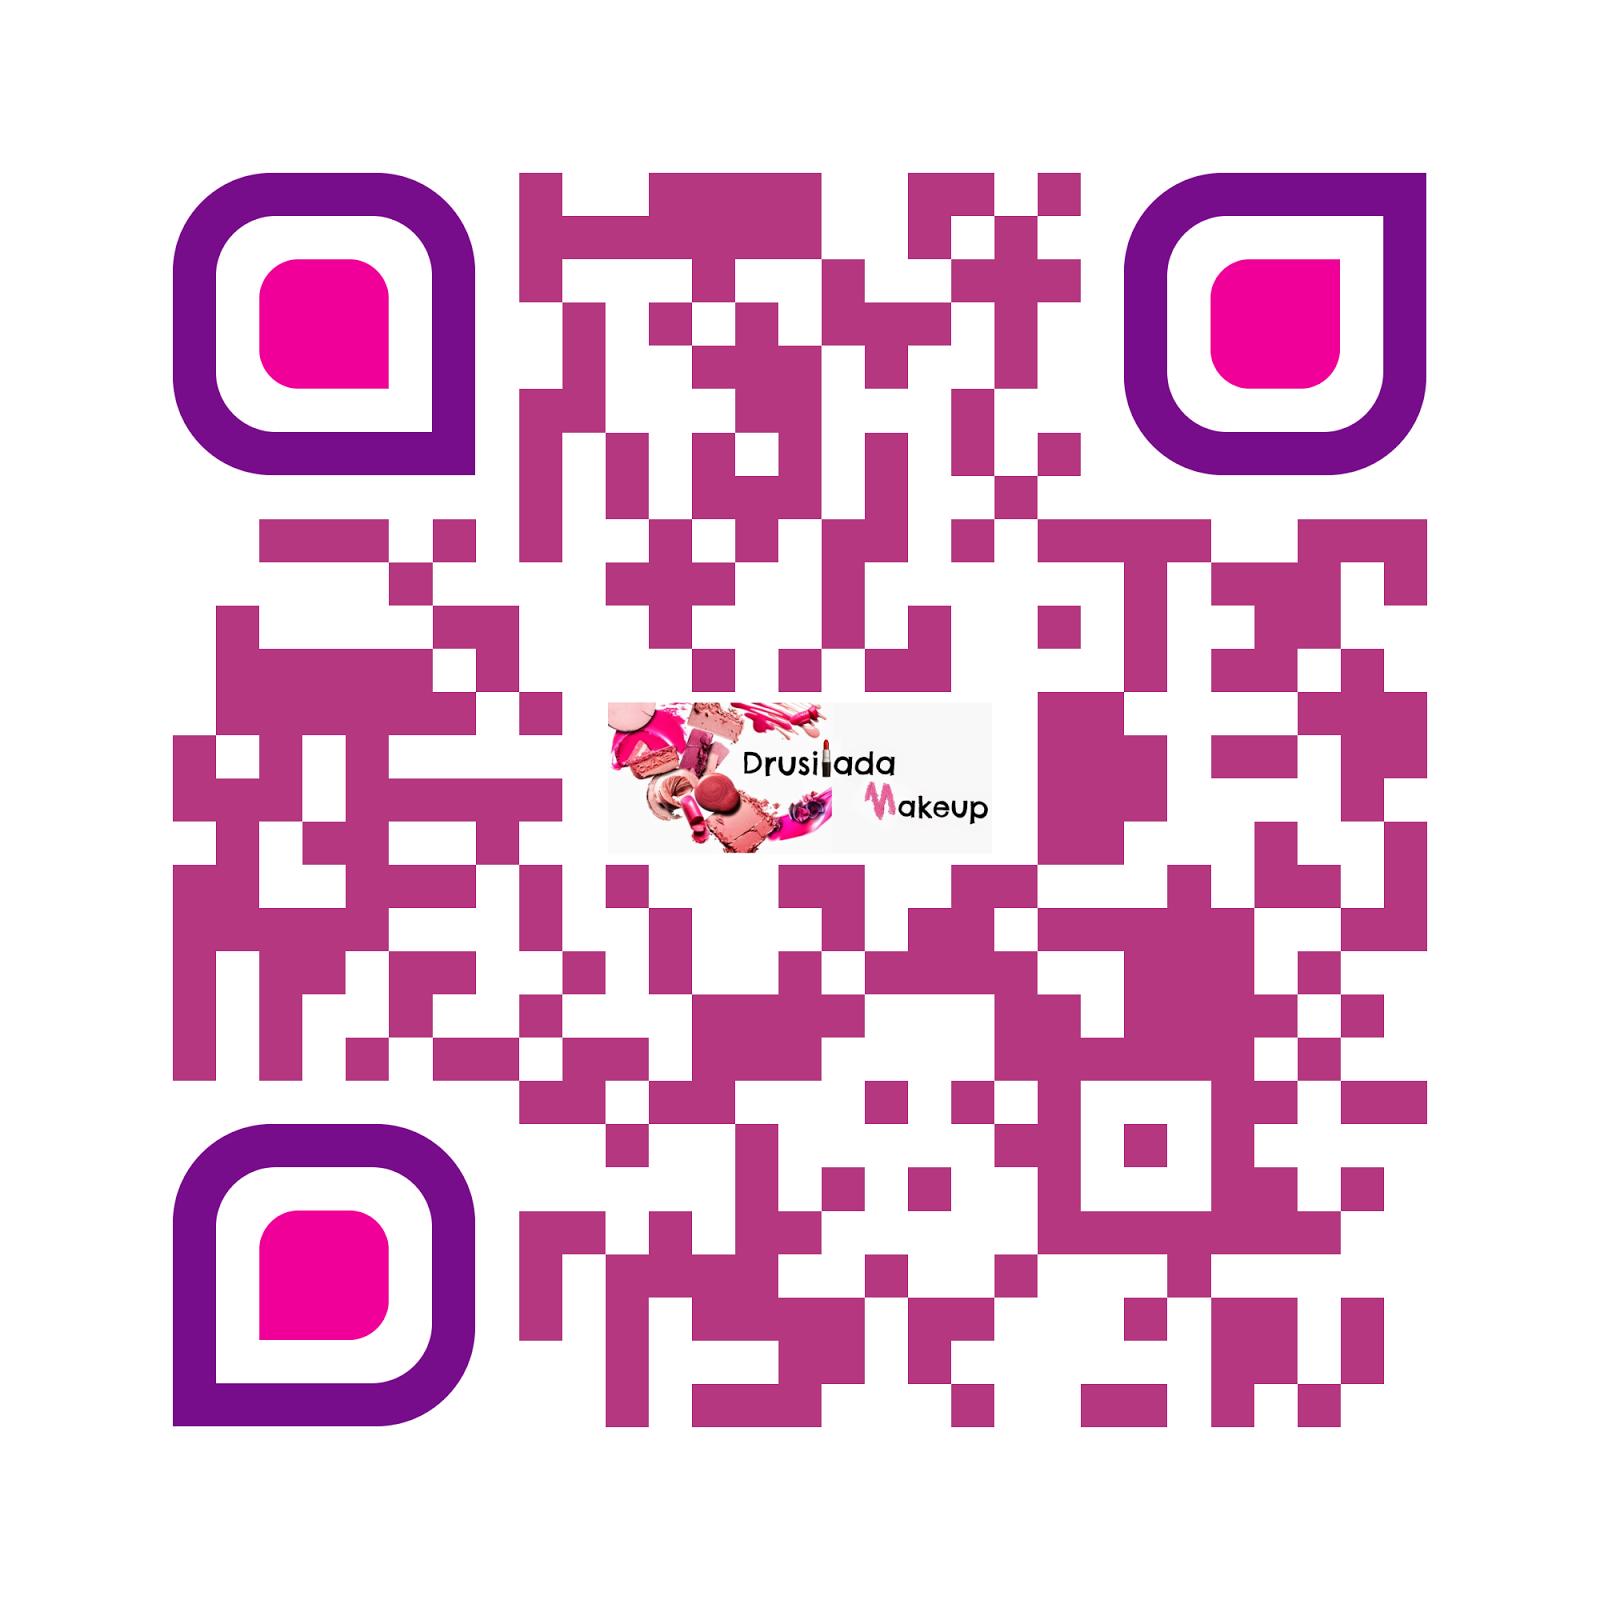 Mi propio código QR